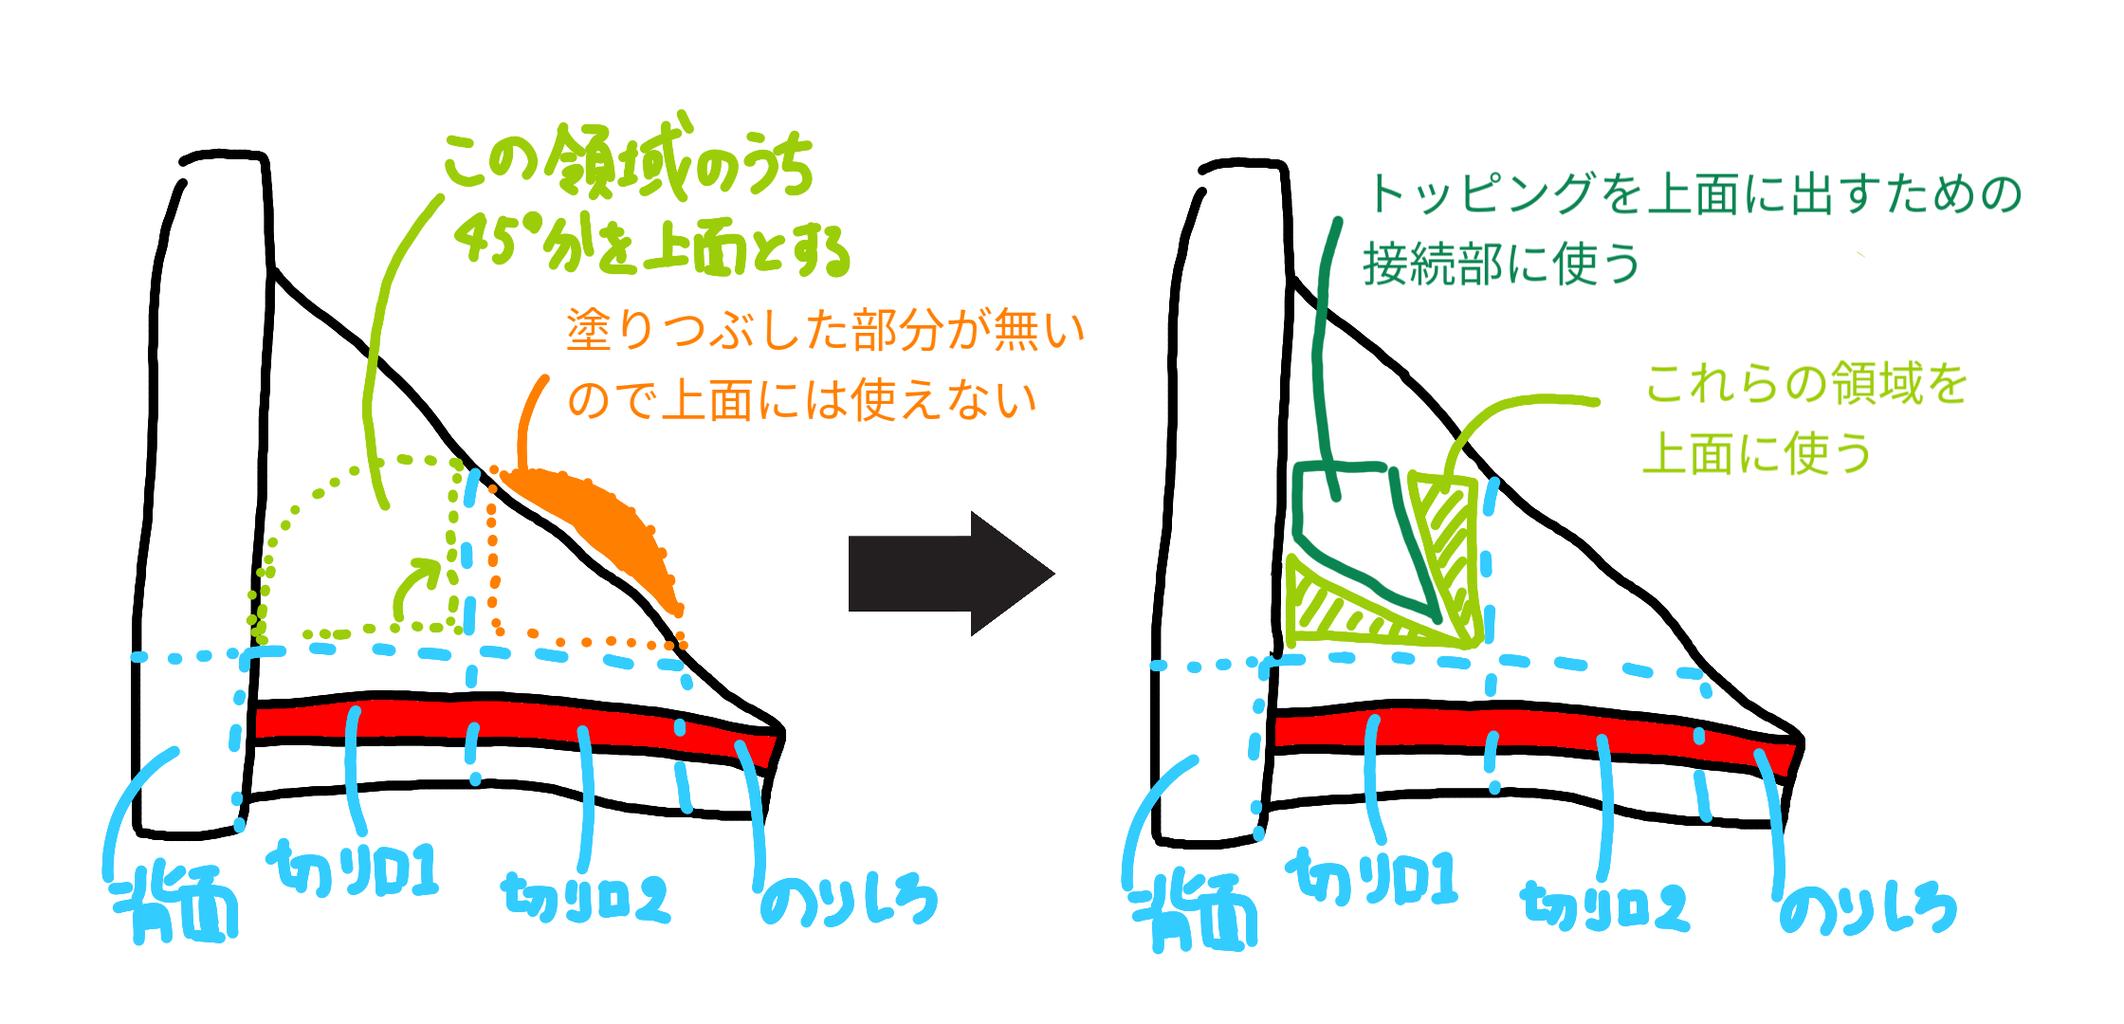 sketch-1618637828444